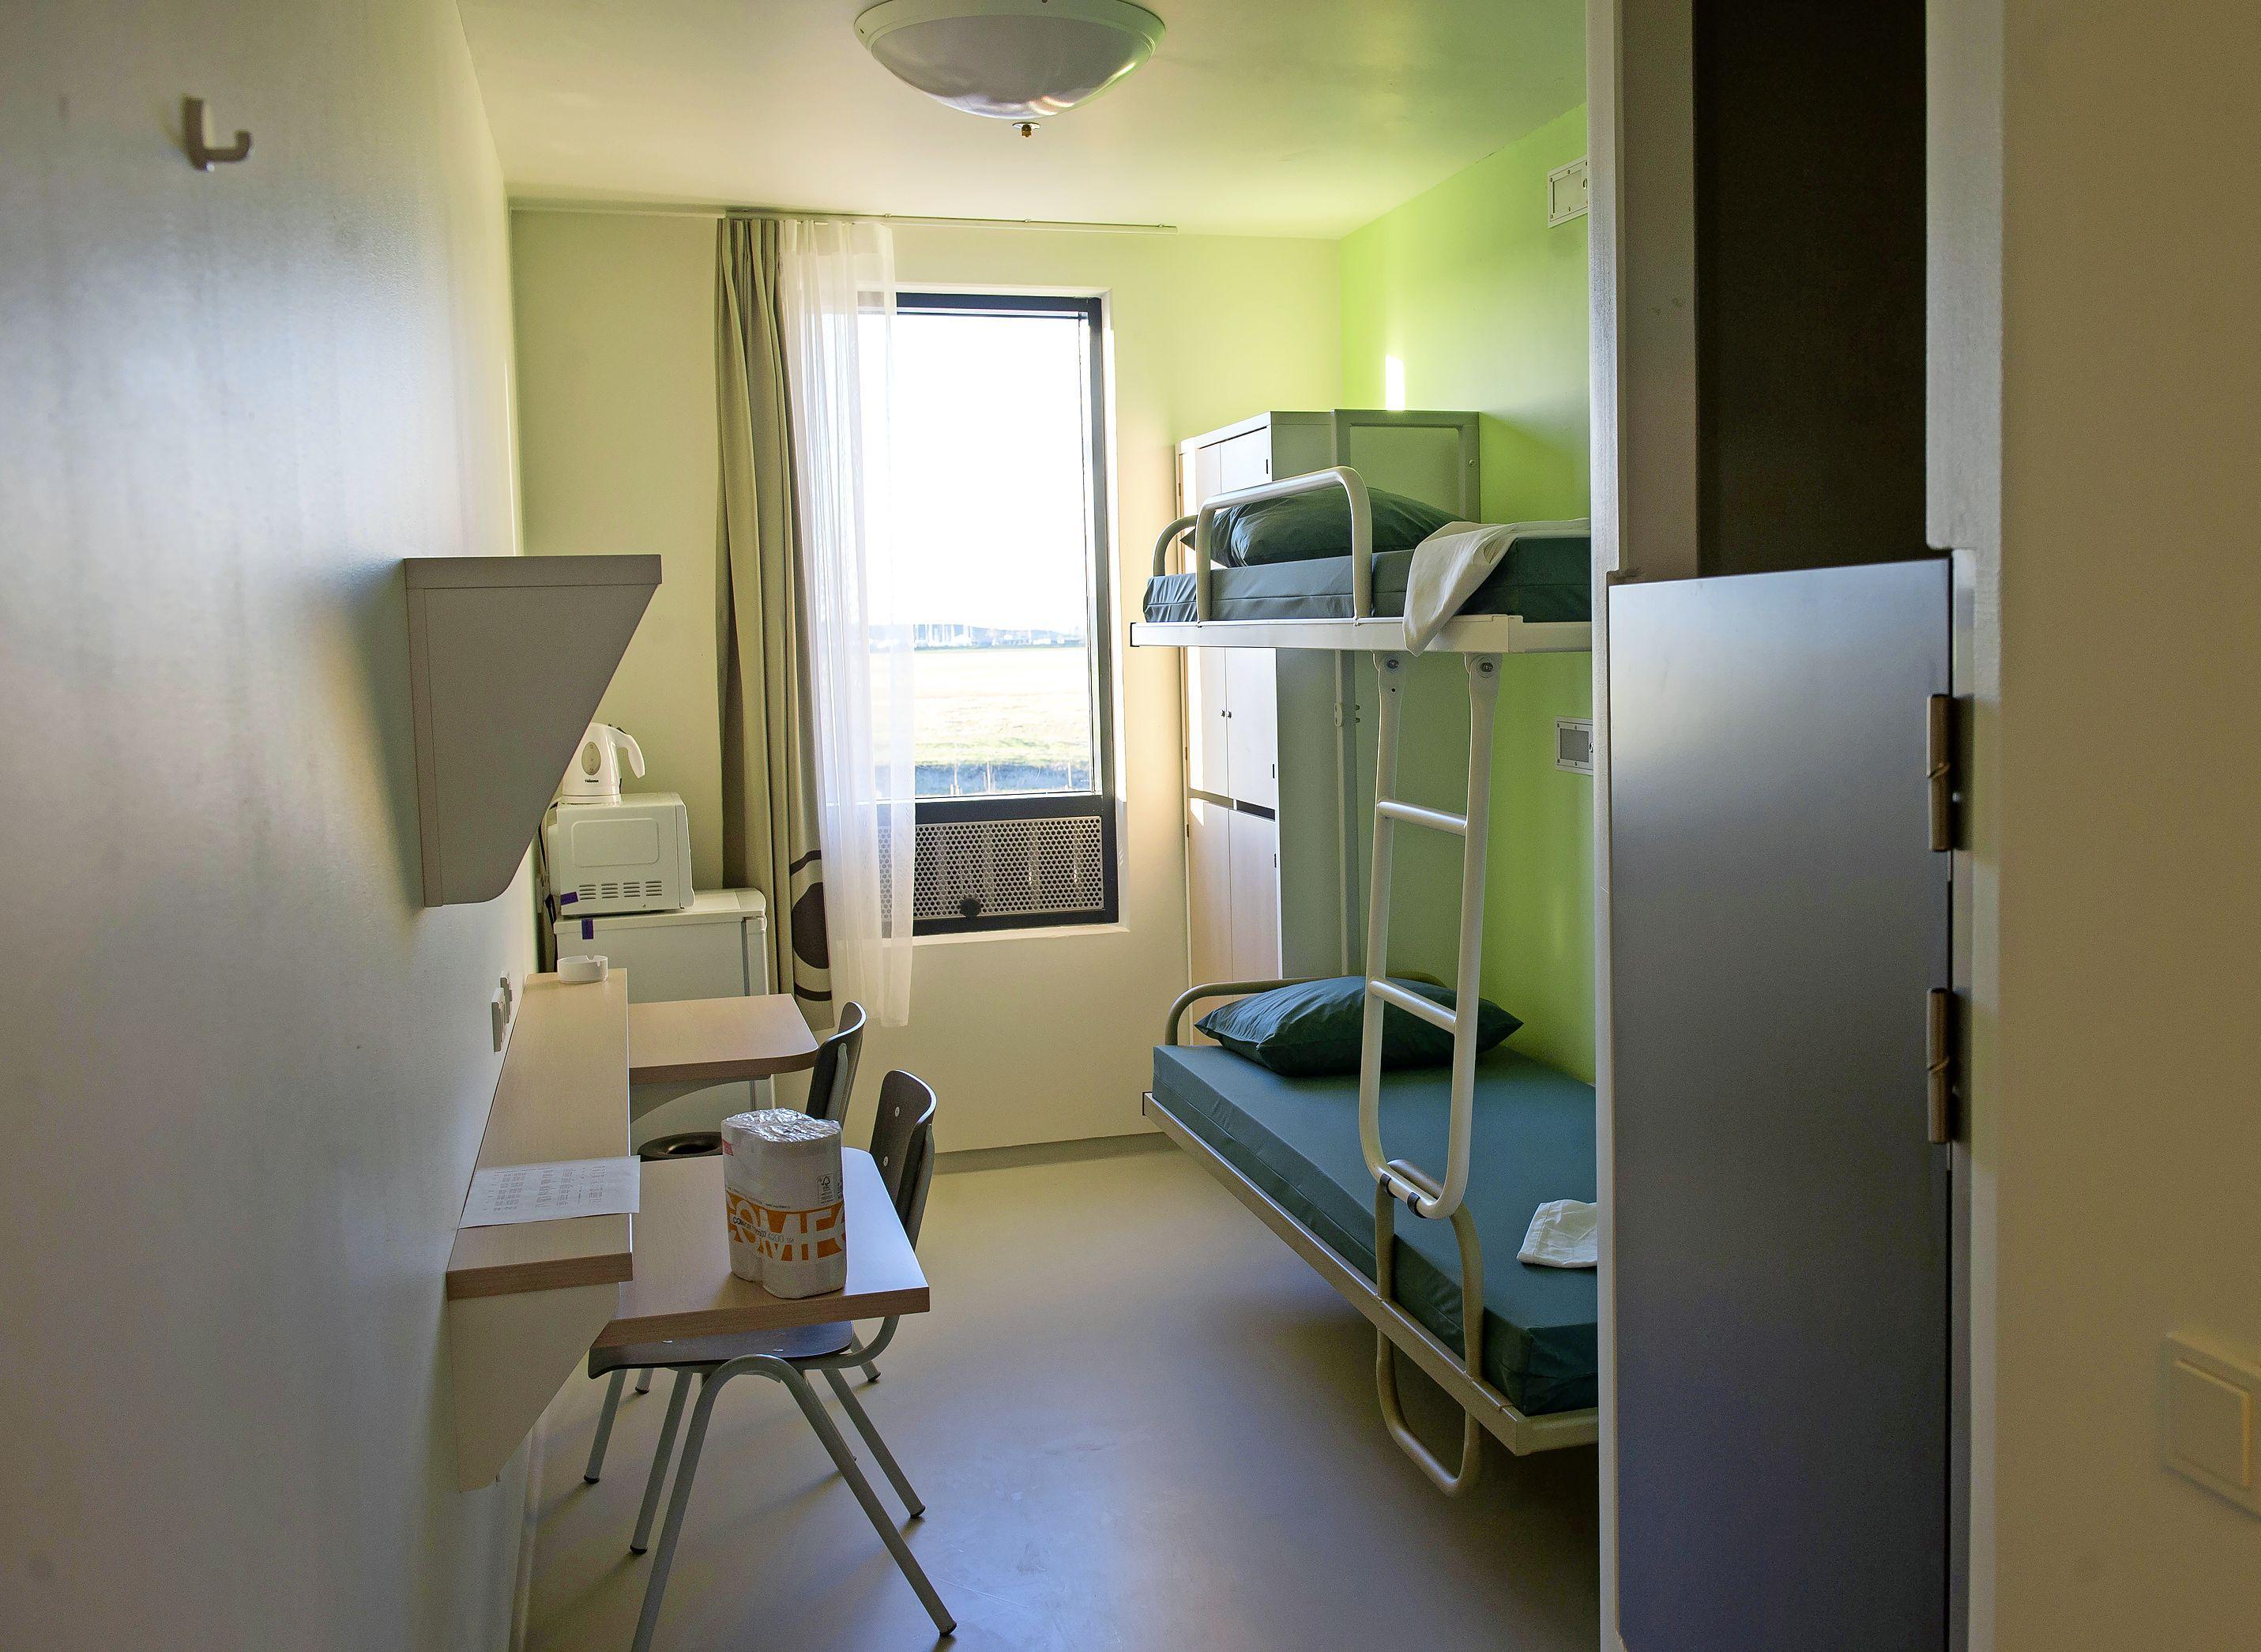 Afdelingen van Justitieel Complex Zaanstad in quarantaine na coronabesmettingen bij gedetineerden